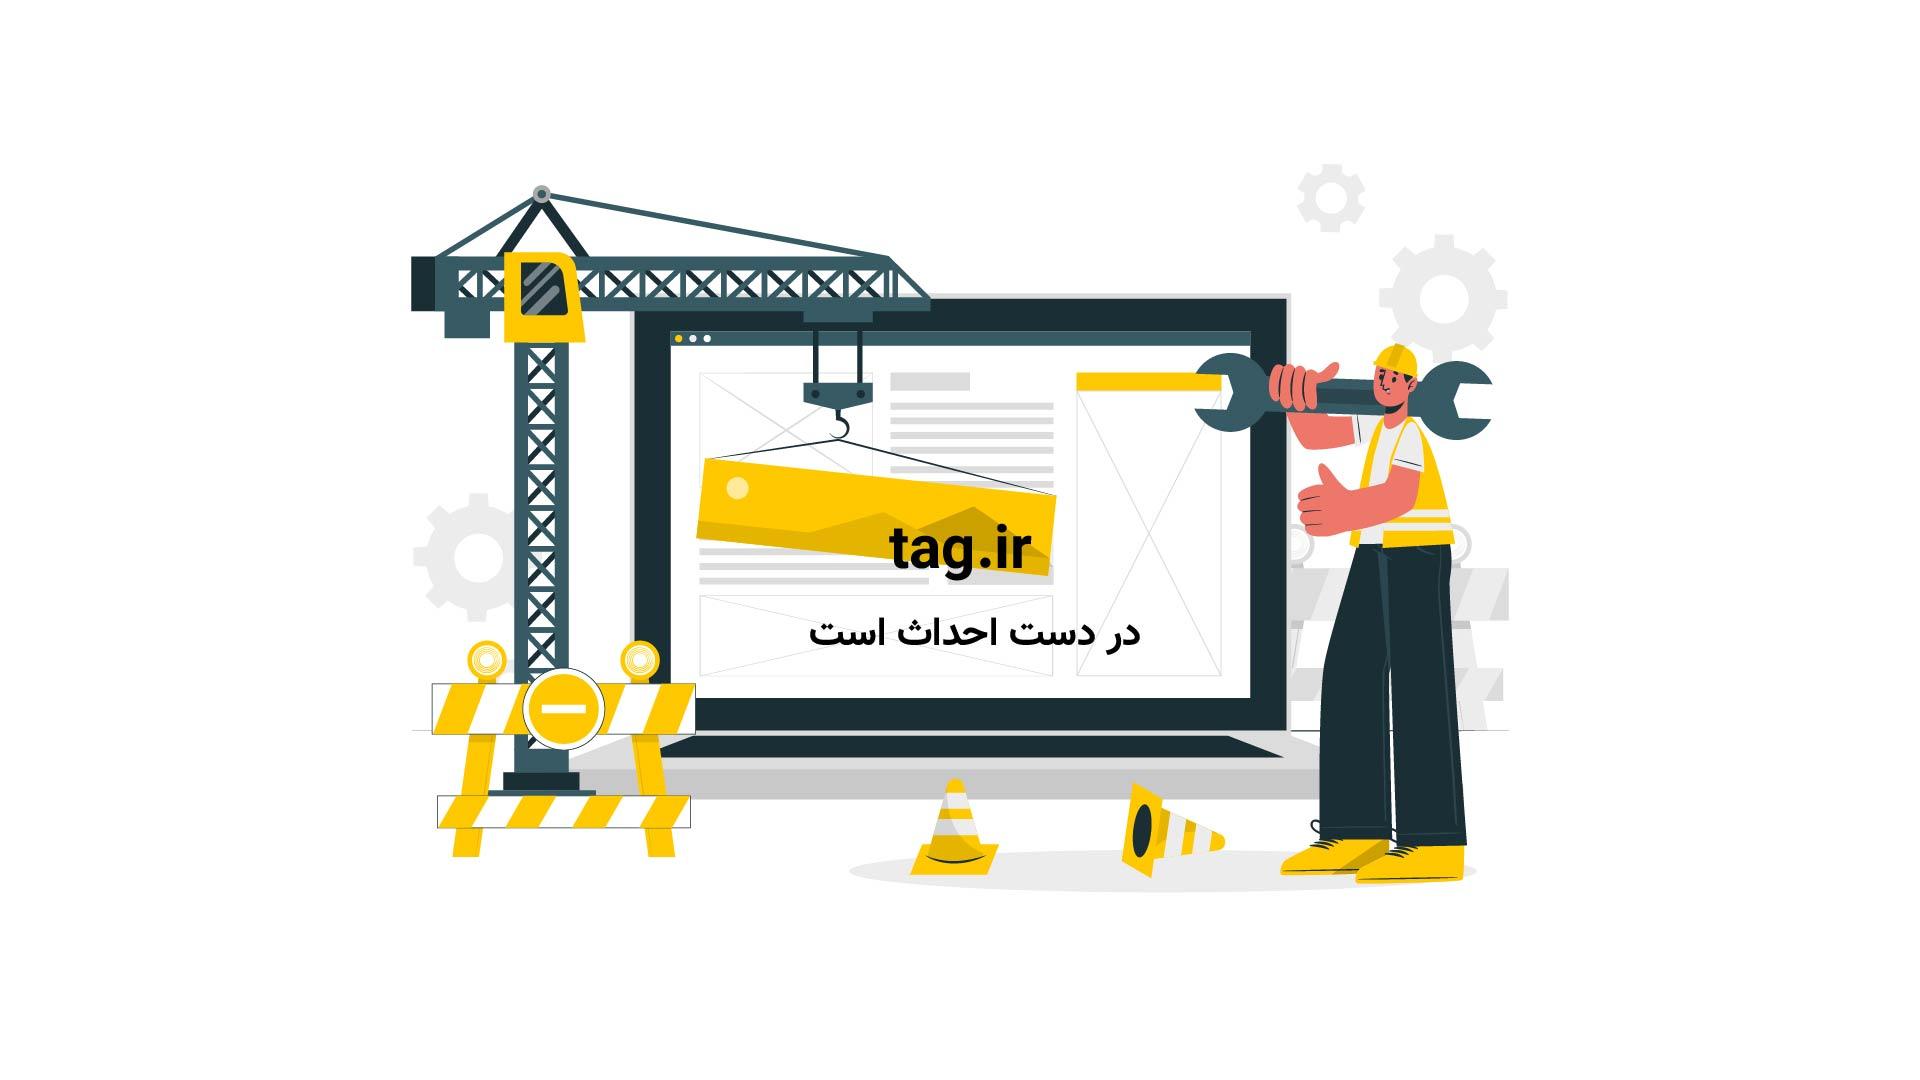 سخنرانی های تد؛ عامل تیراندازی حادثه کلمباین |فیلم